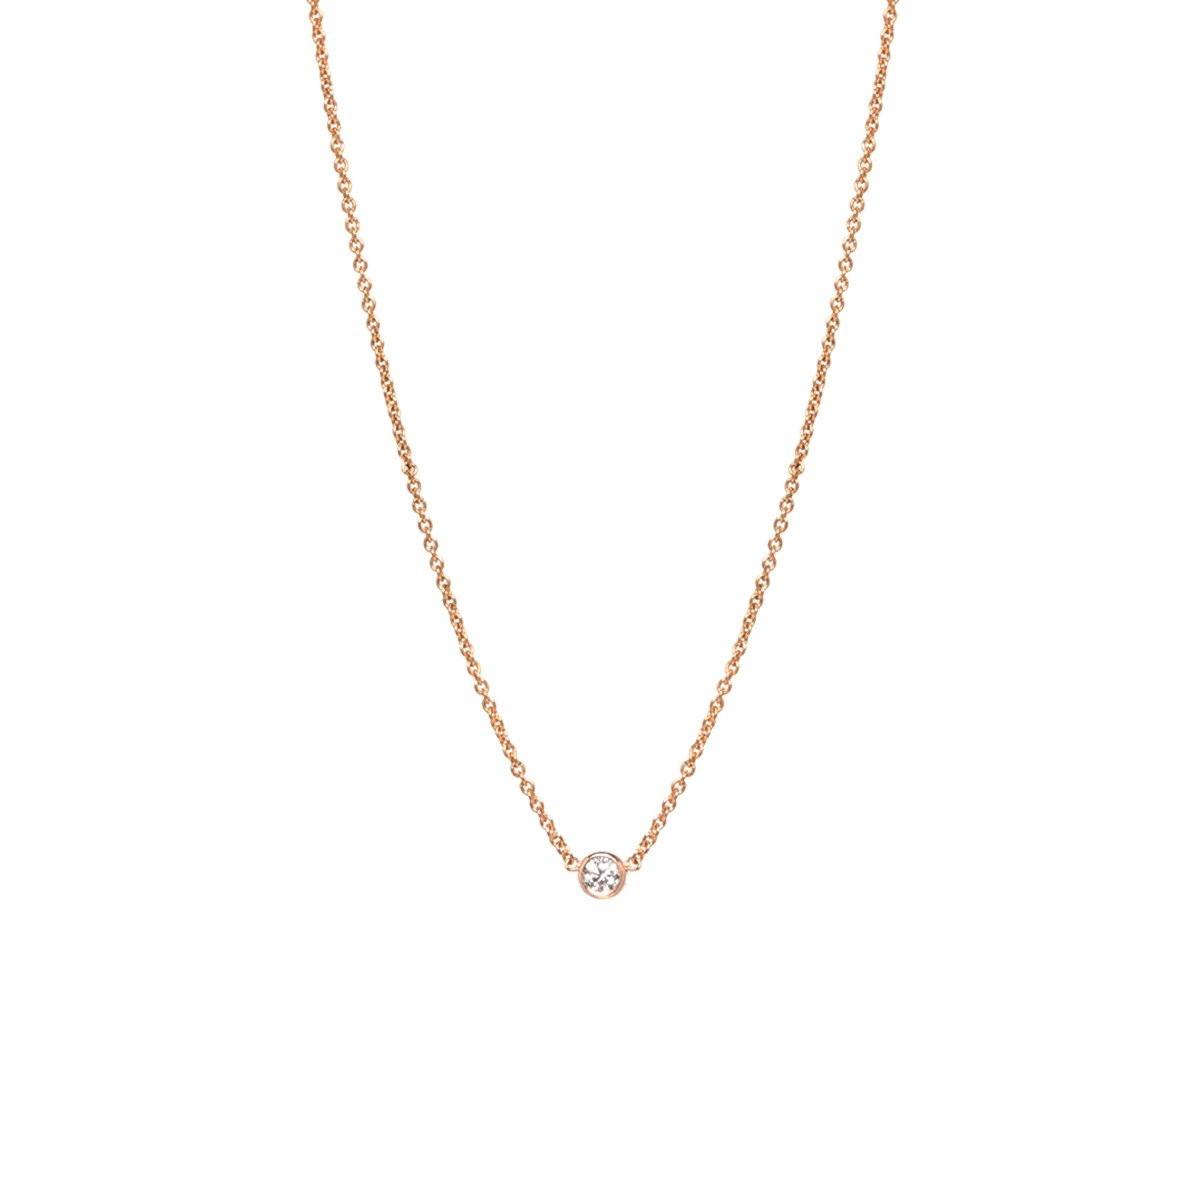 Zoe Chicco Single Diamond Bezel Necklace rose gold